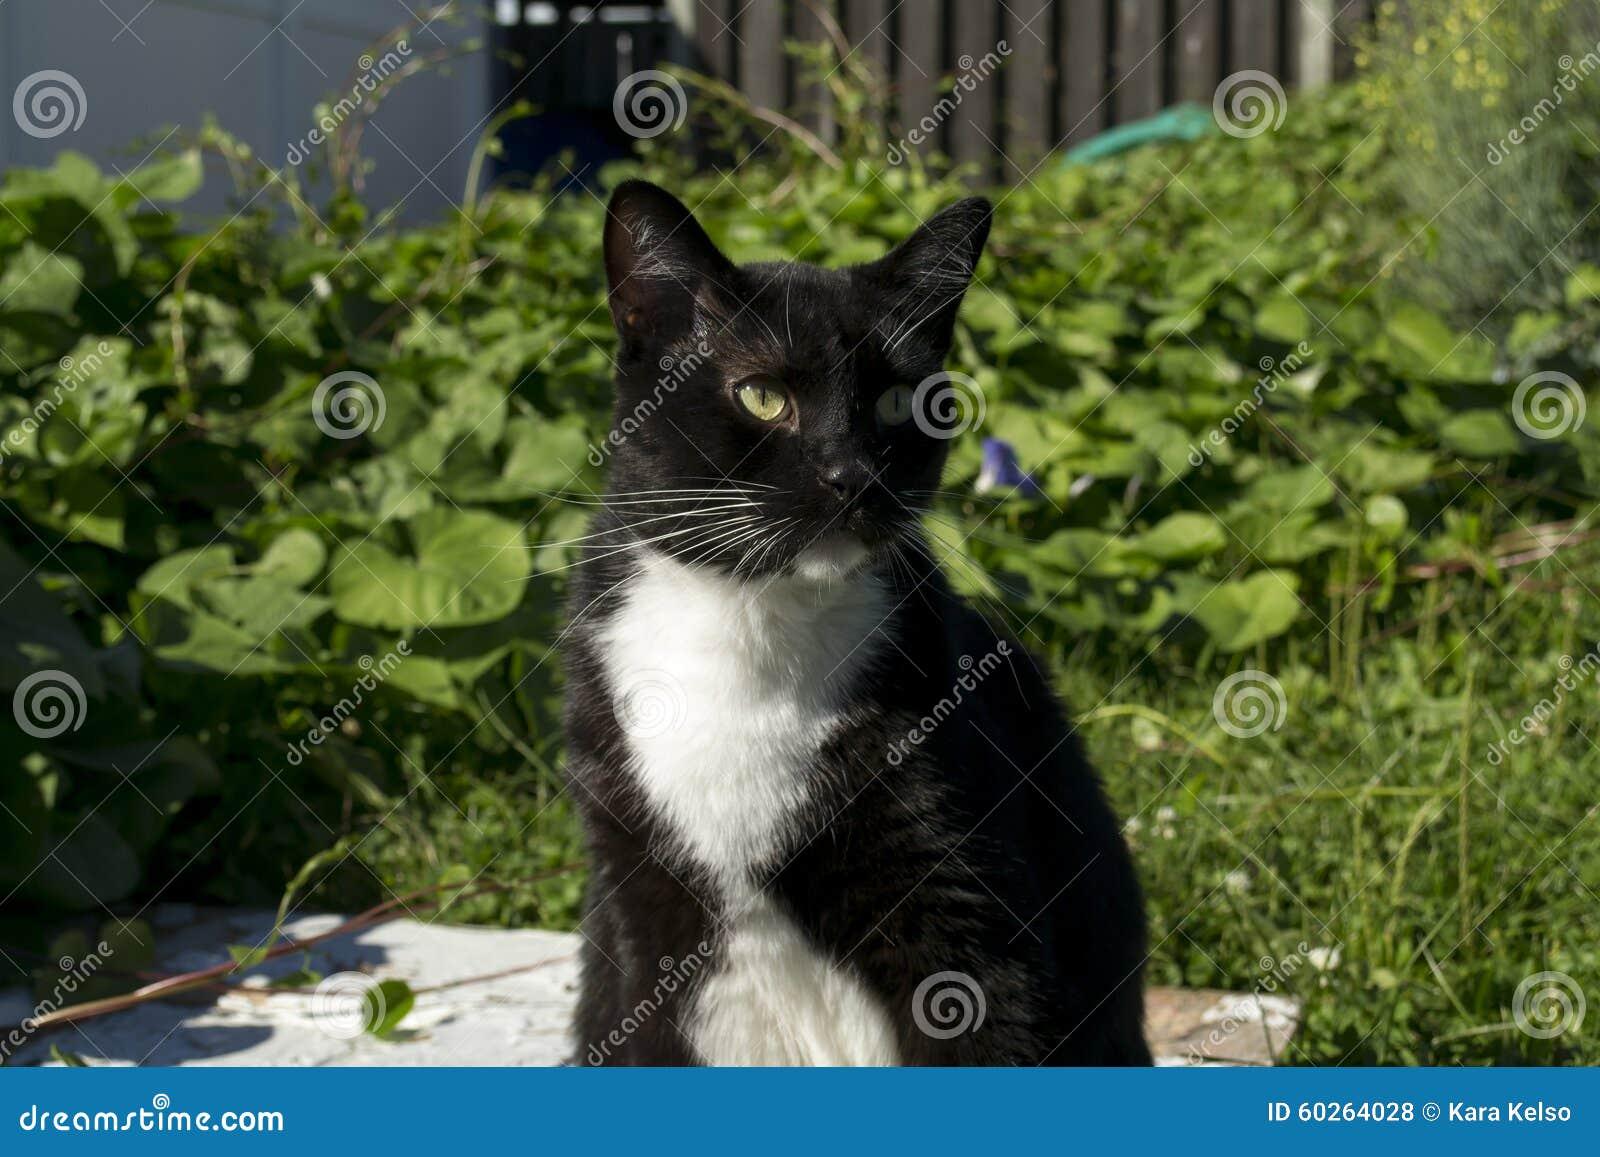 Black And White Tuxedo Cat Outside Stock Photo - Image ...